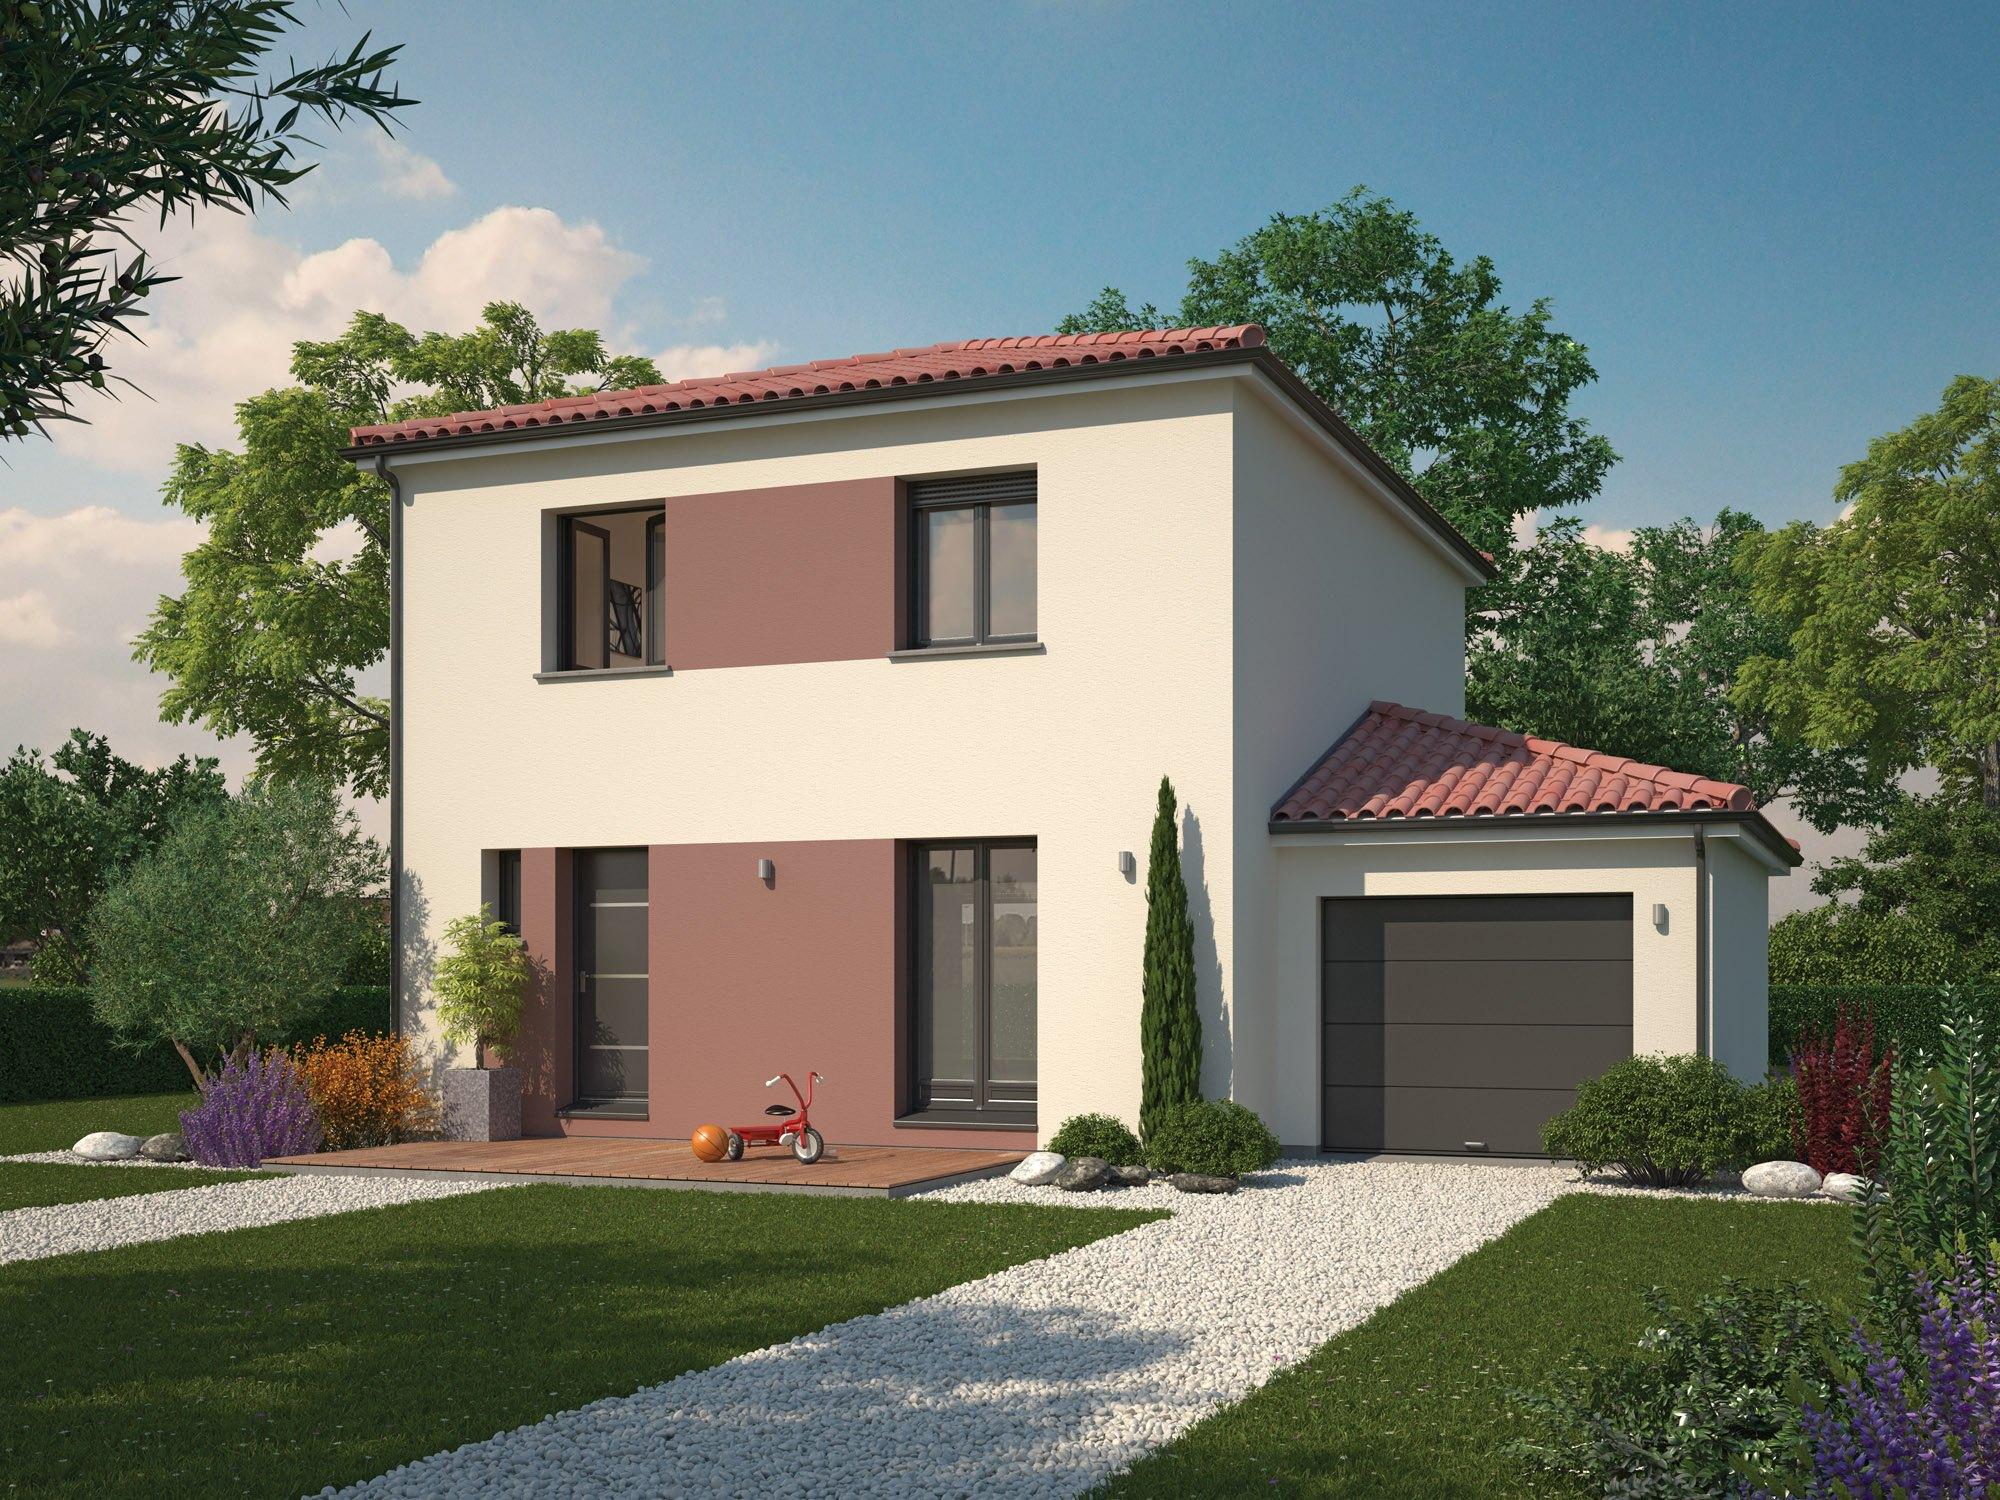 Maisons + Terrains du constructeur MAISON FAMILIALE • 84 m² • BEAUJEU